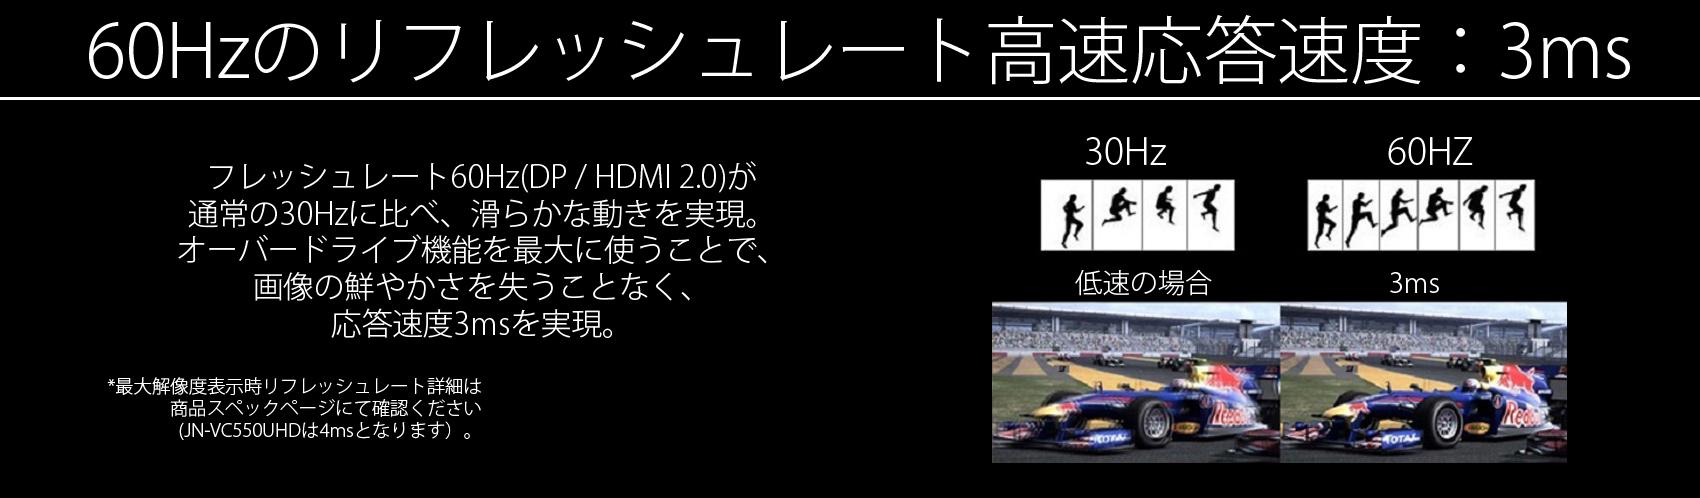 フレッシュレート60Hz(DP / HDMI 2.0)が通常の30Hzに比べ、滑らかな動きを実現。オーバードライブ機能を最大に使うことで、画像の鮮やかさを失うことなく、応答速度3msを実現。